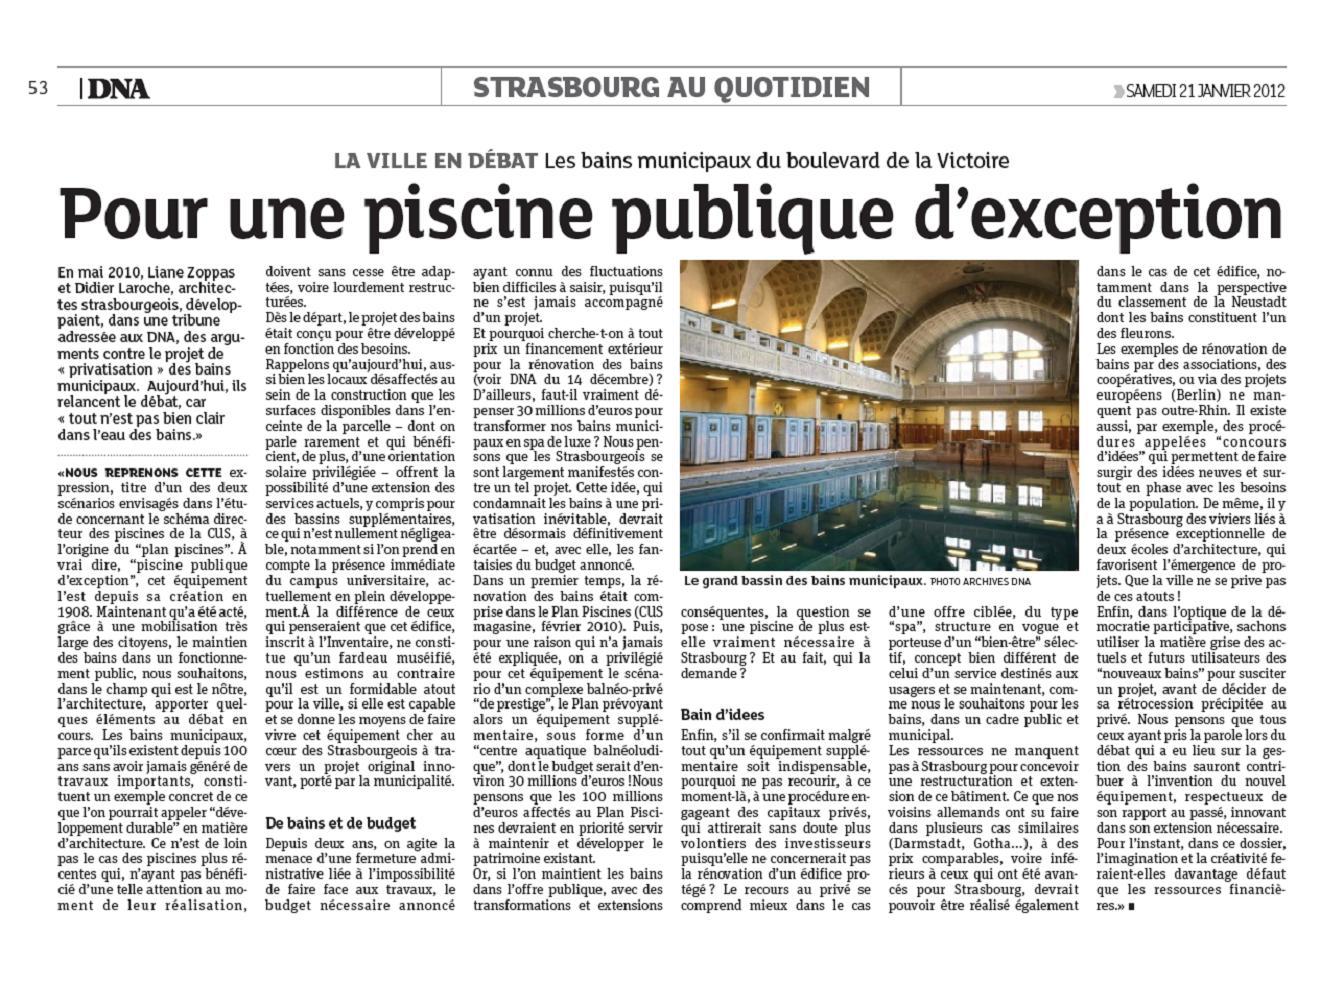 DNA Pour une piscine publique d exception DL-LZ